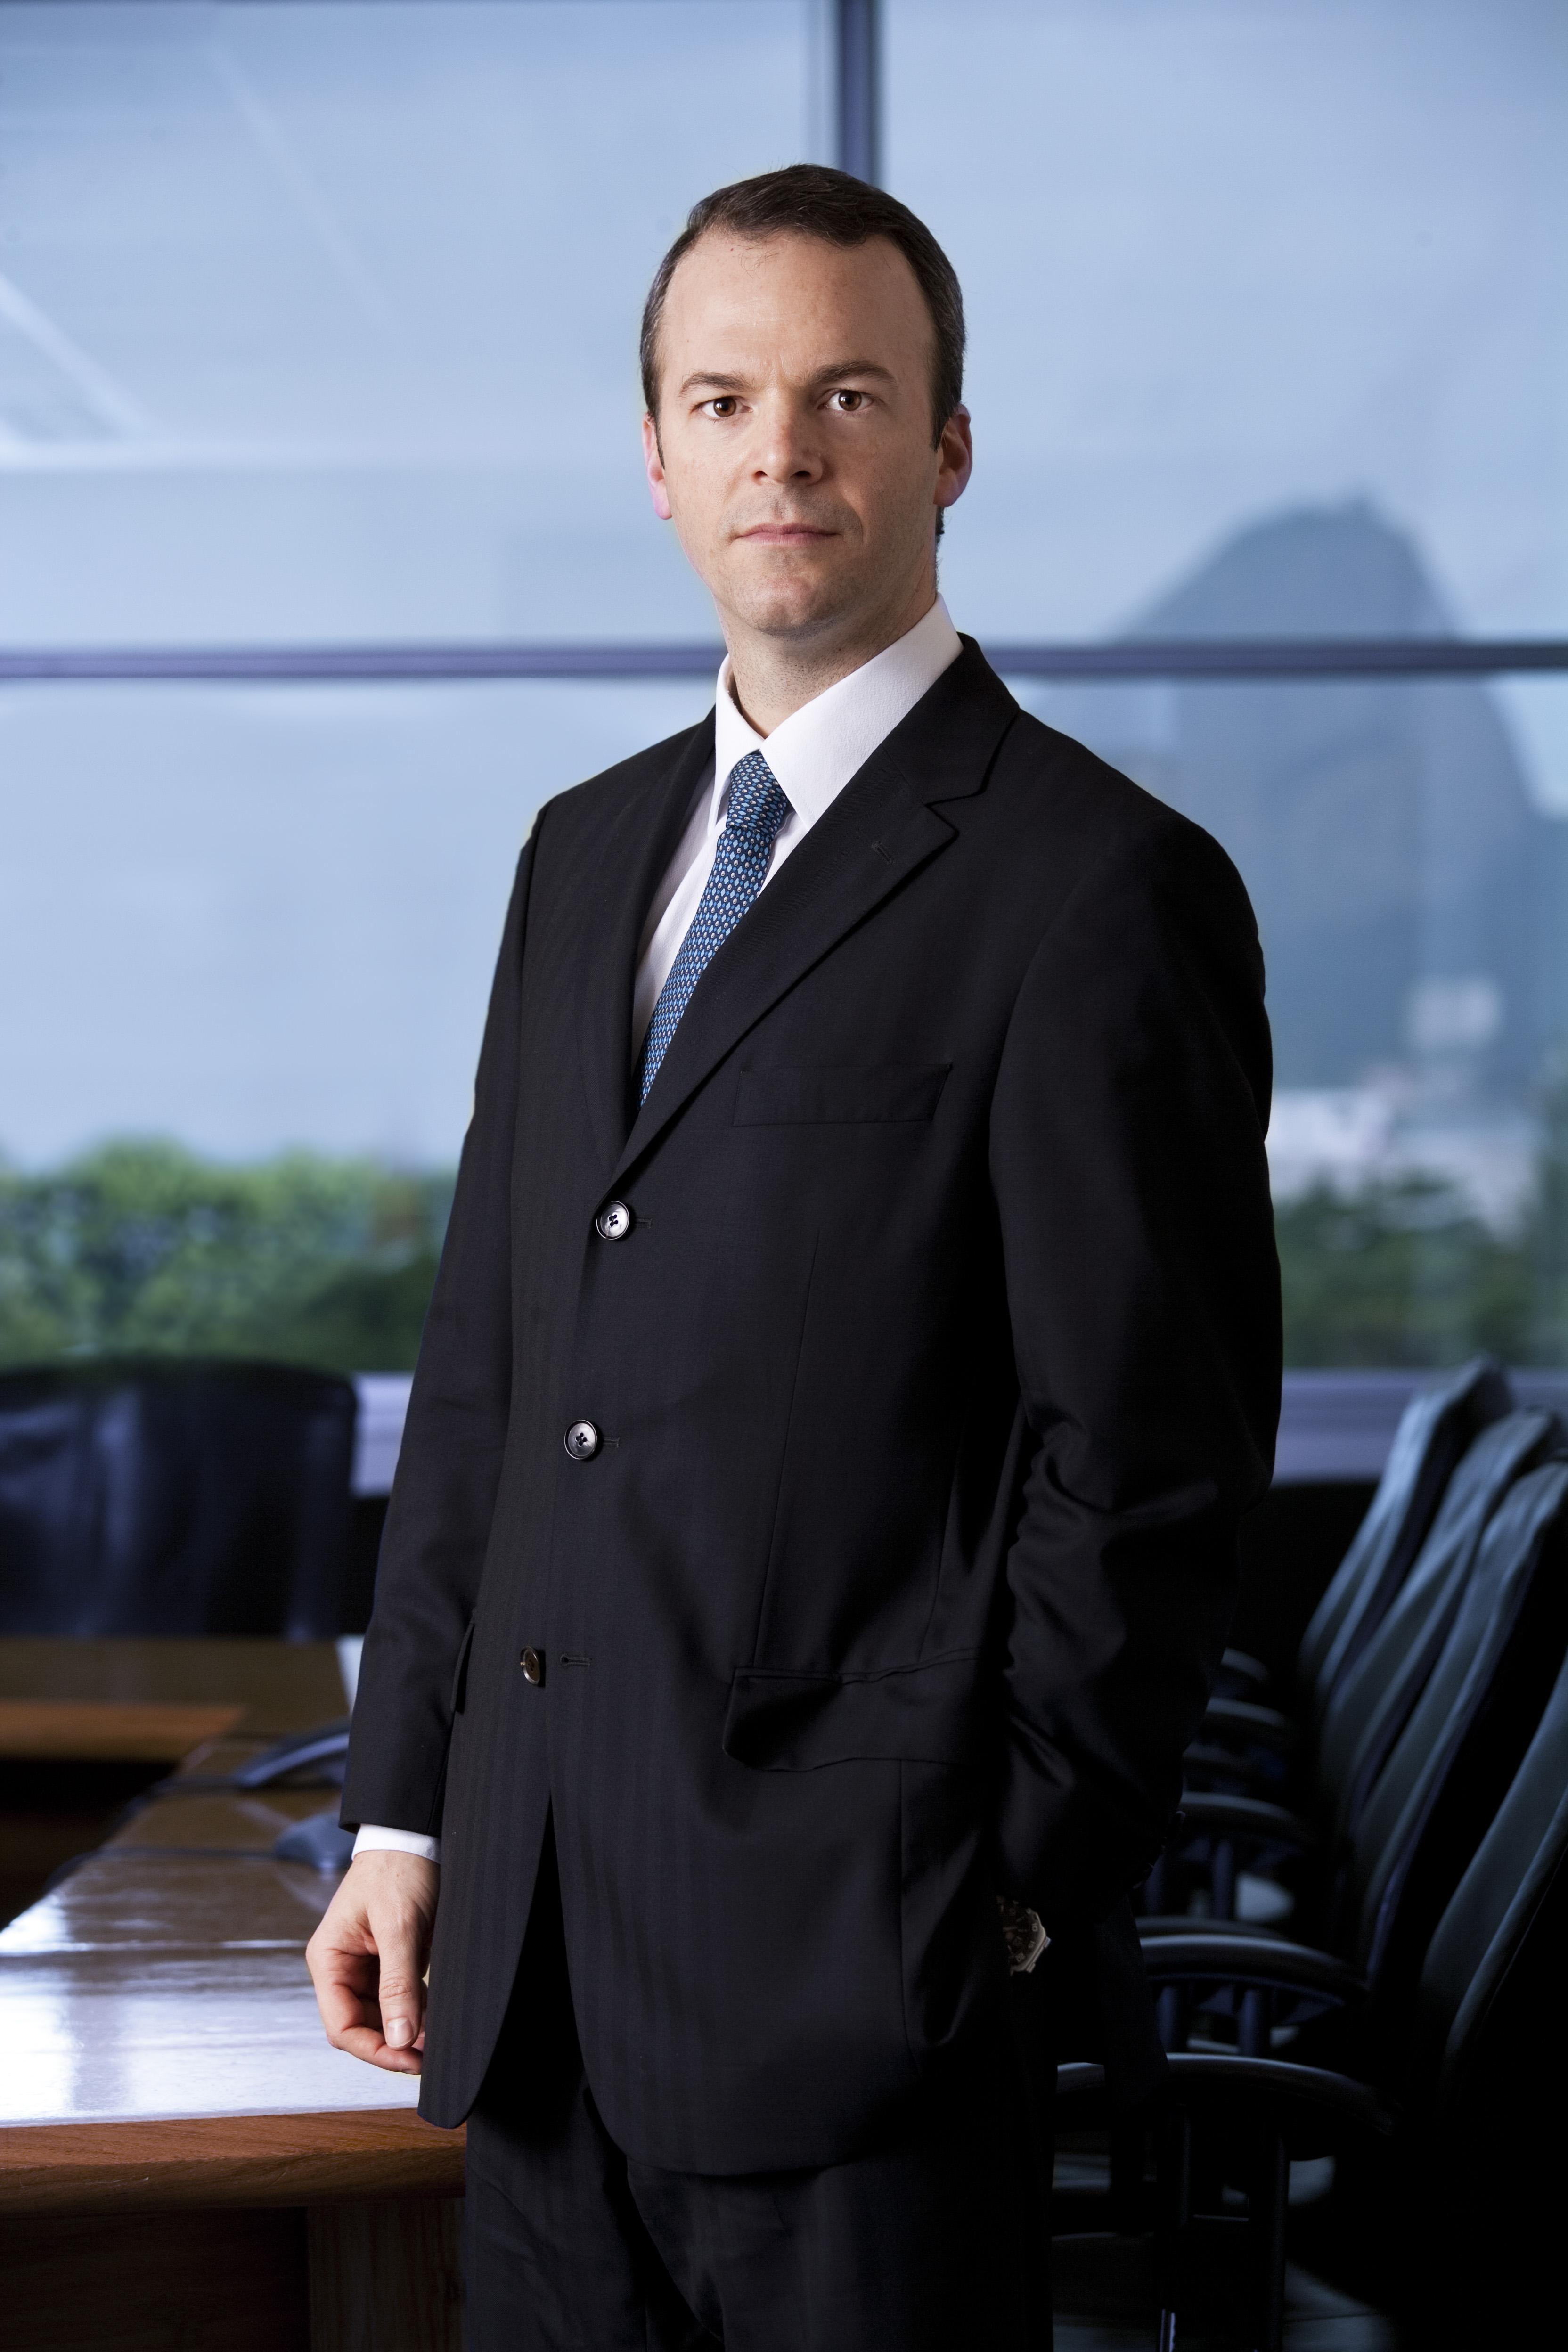 Luciano Snel